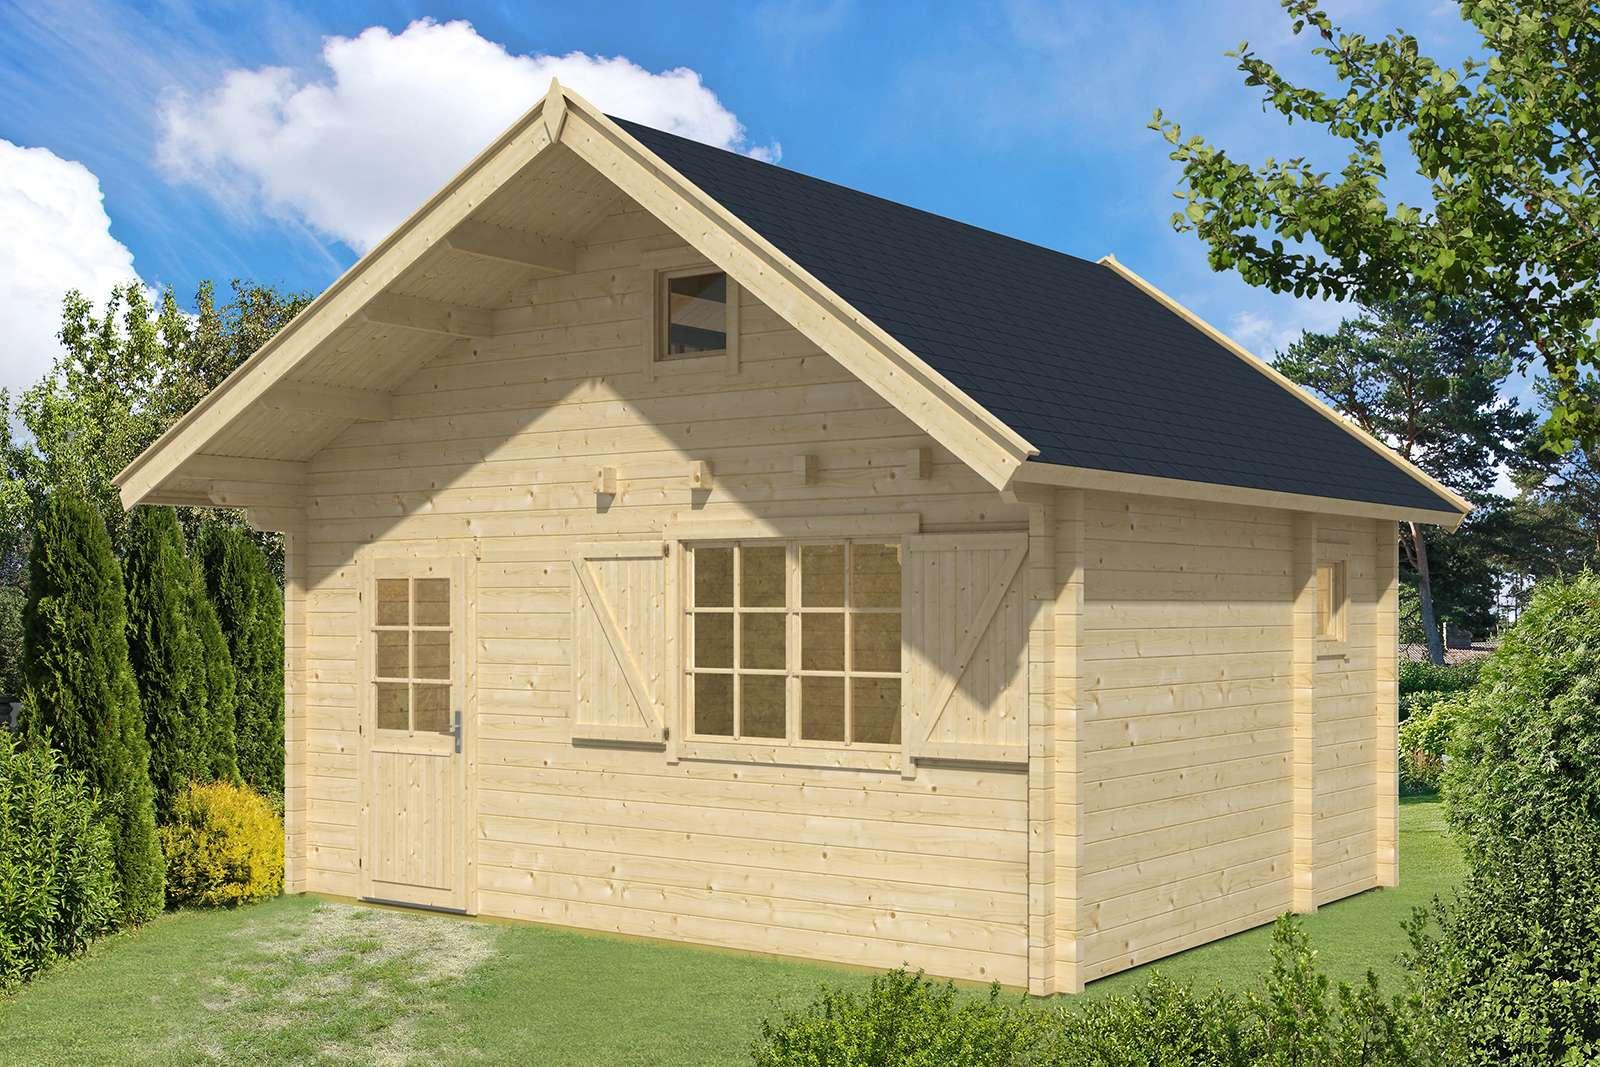 Gartenhaus mit 70 mm Wandstärke kaufen ‒ große Auswahl